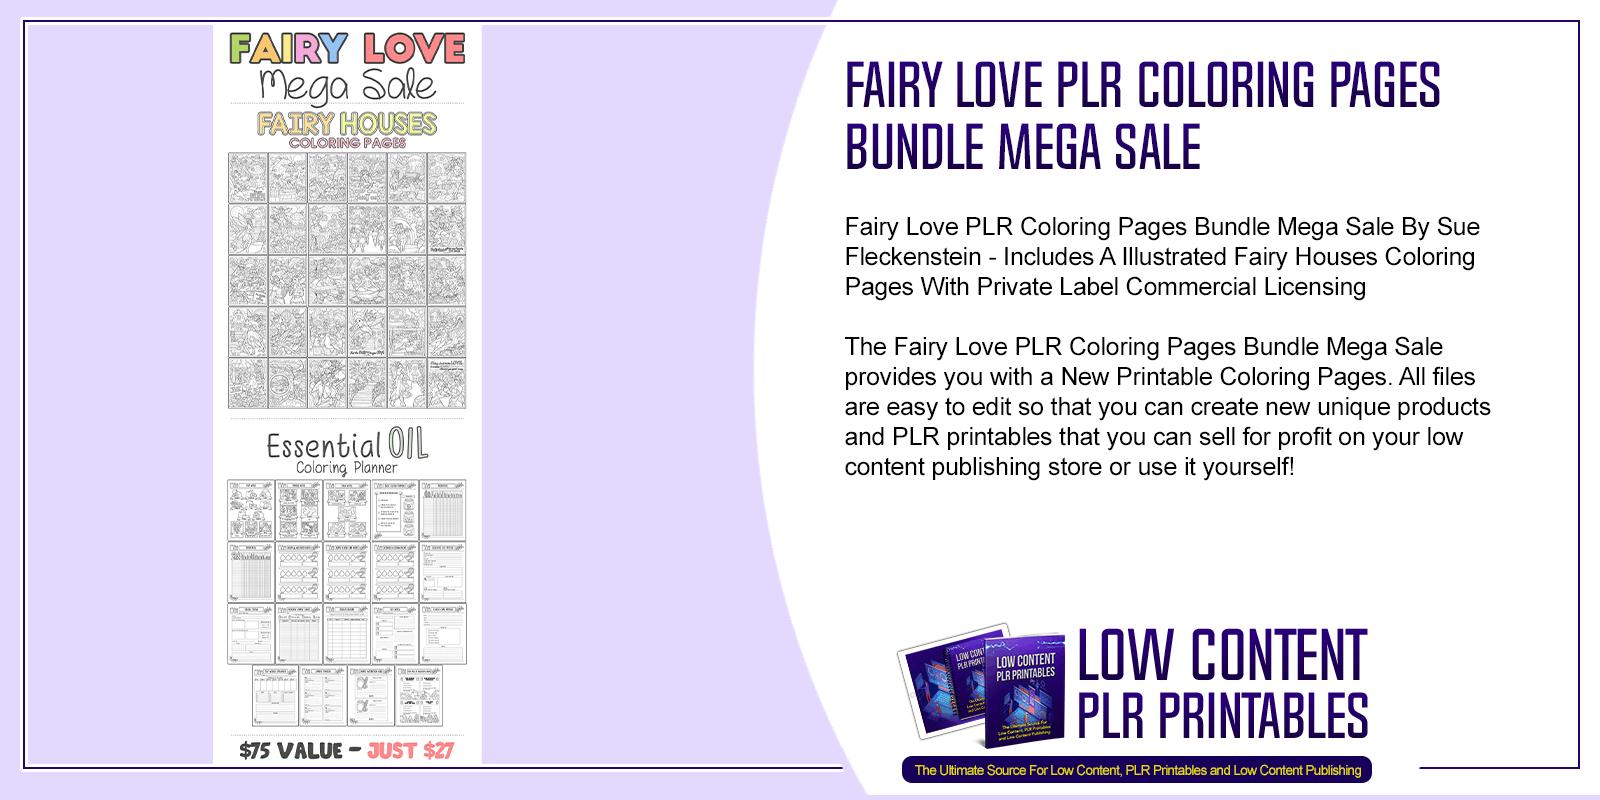 Fairy Love PLR Coloring Pages Bundle Mega Sale